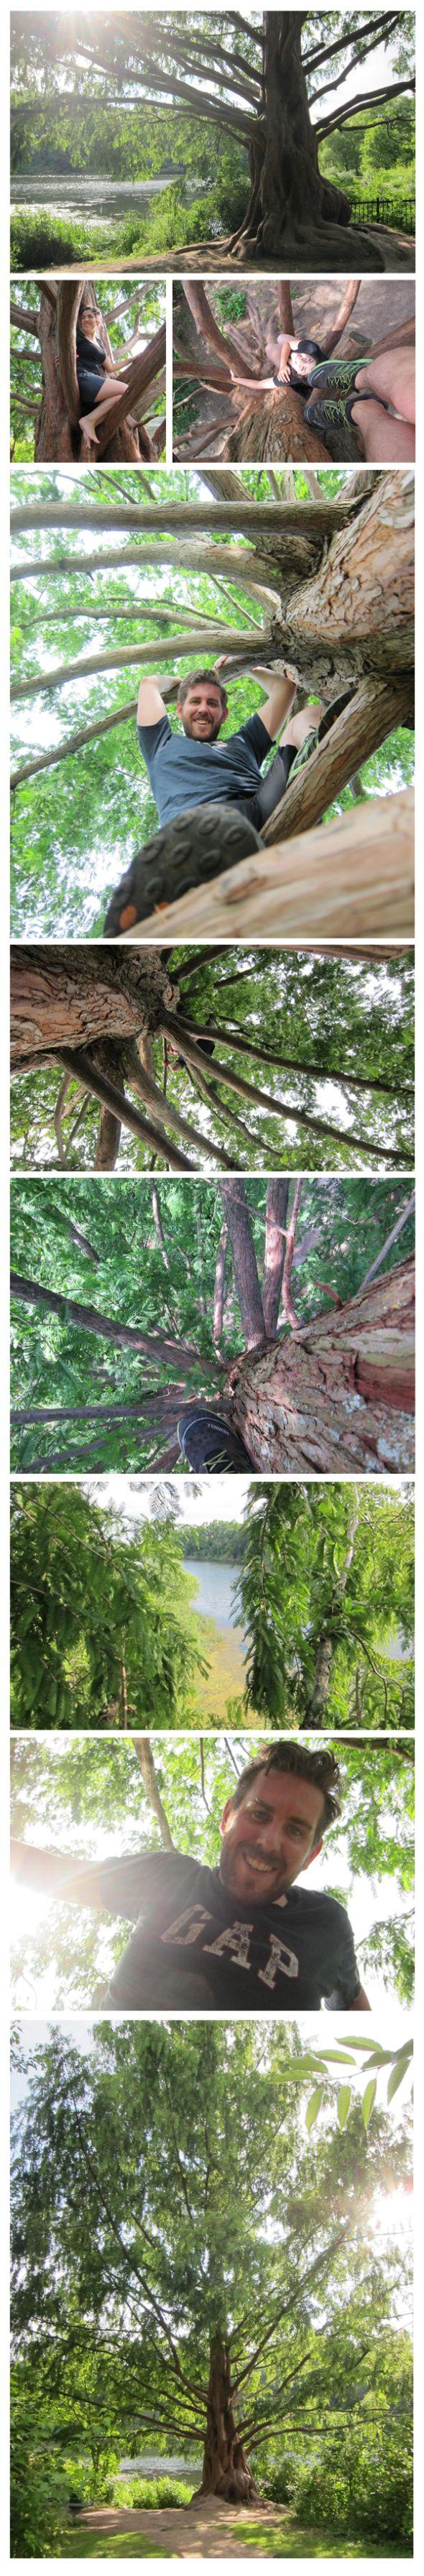 #26 - Climb a tree.  #100Thingsin2013